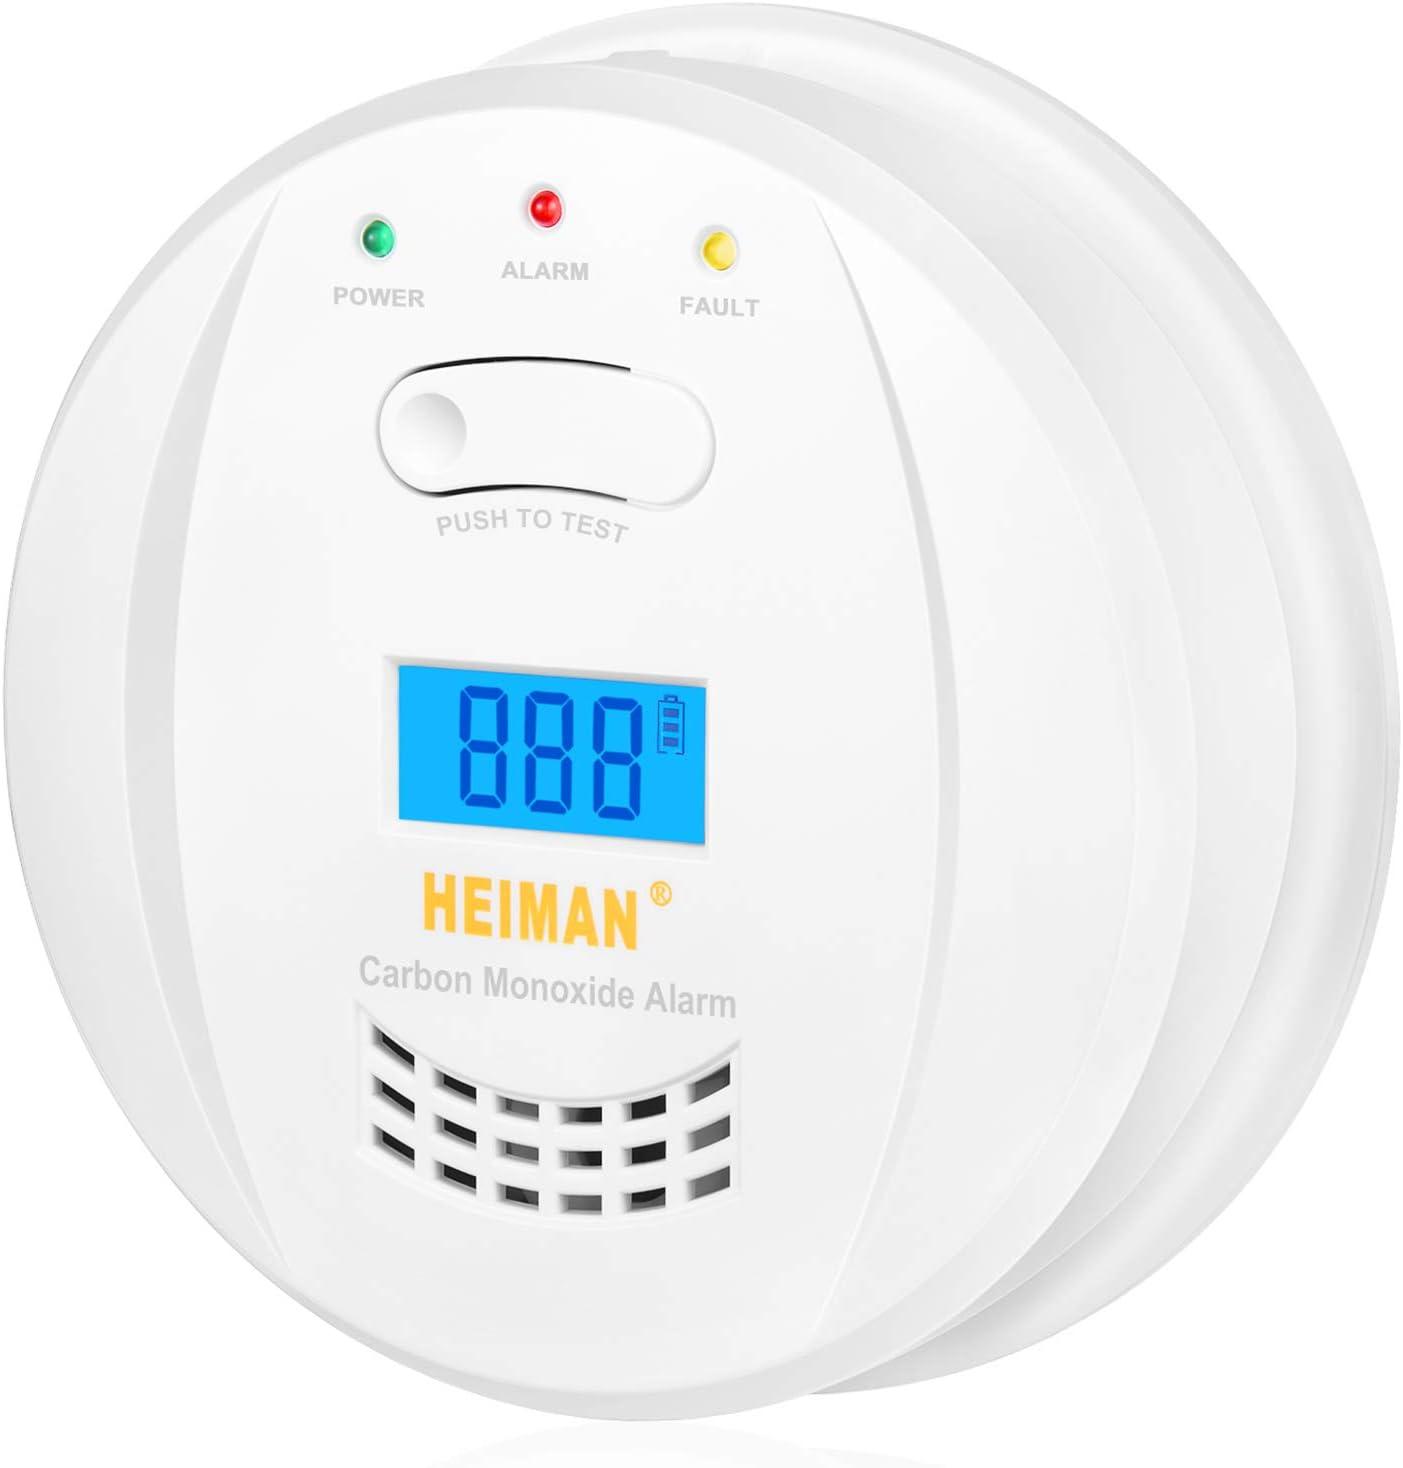 CO Alarm Detector 10 Scondaor Carbon Monoxide Alarm Detector EN 50291 Certified